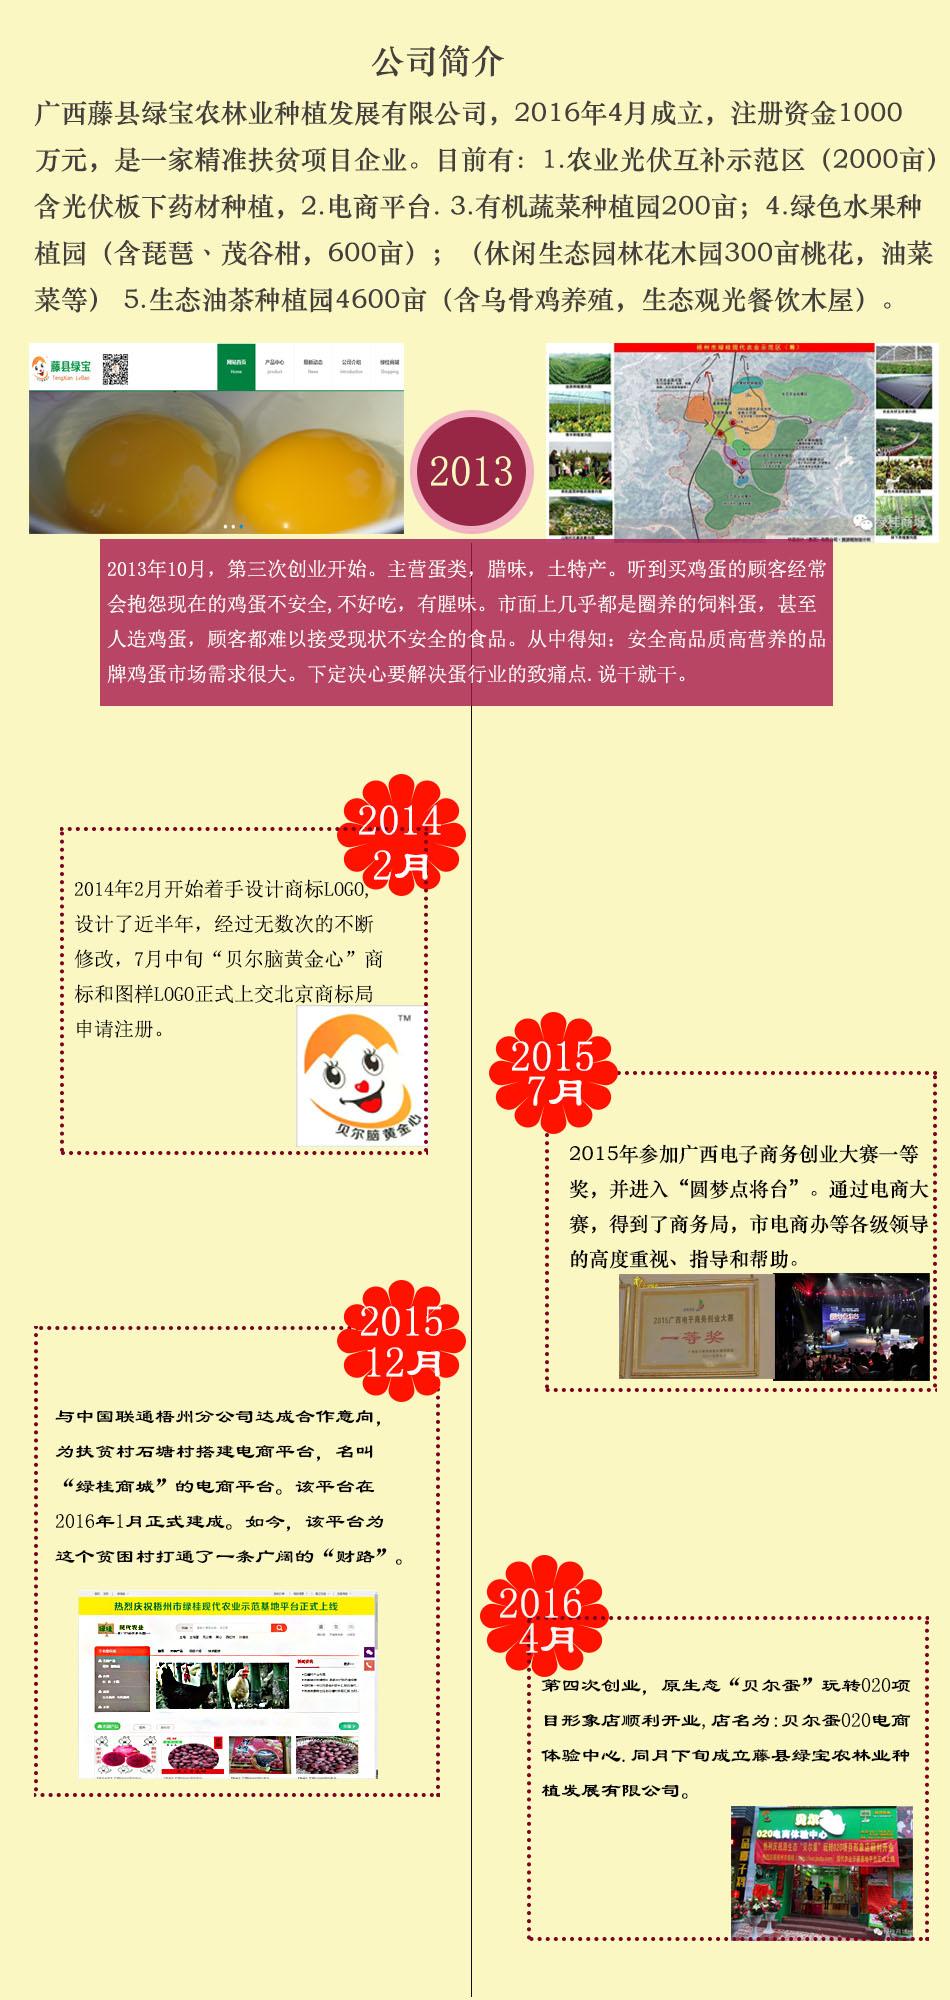 广西藤县绿宝农林业发展有限公司